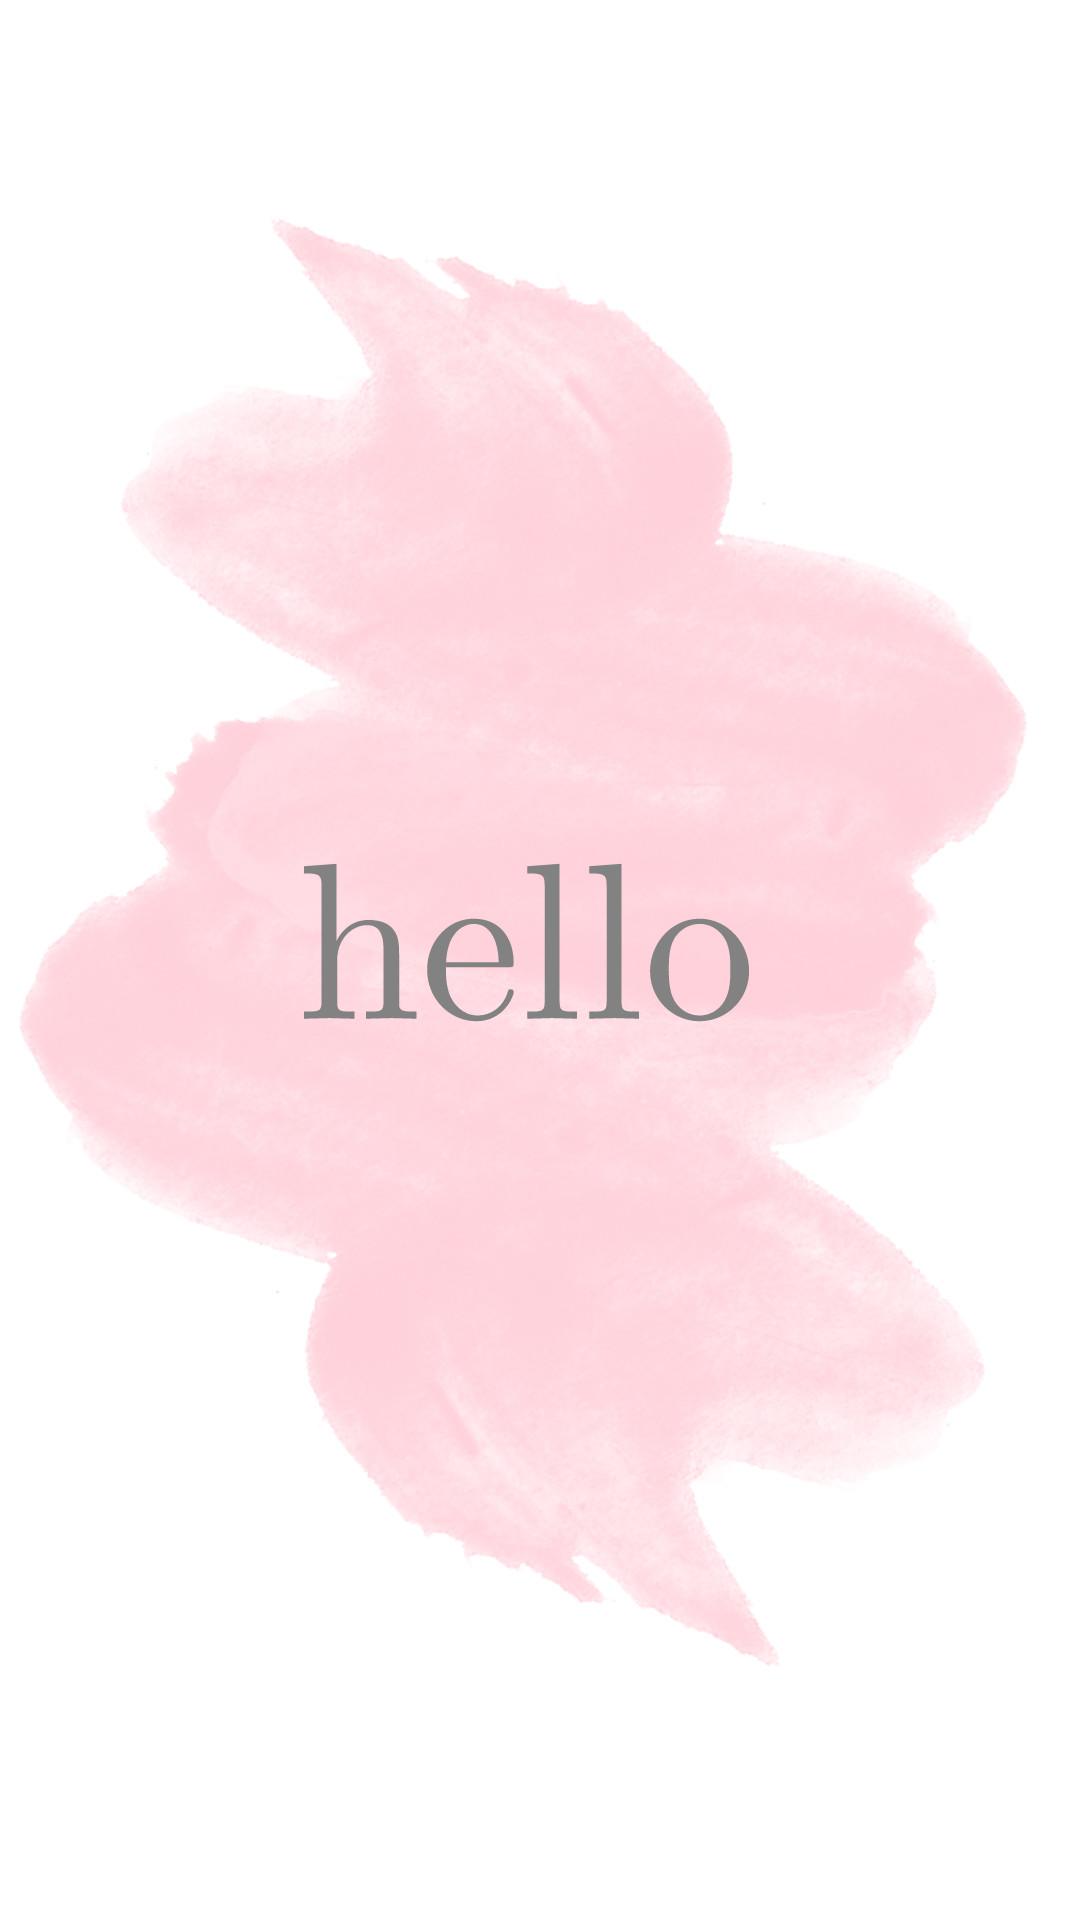 iphone-6-wallpaper-hello-watercolor.jpg 1,080×1,920 pixels